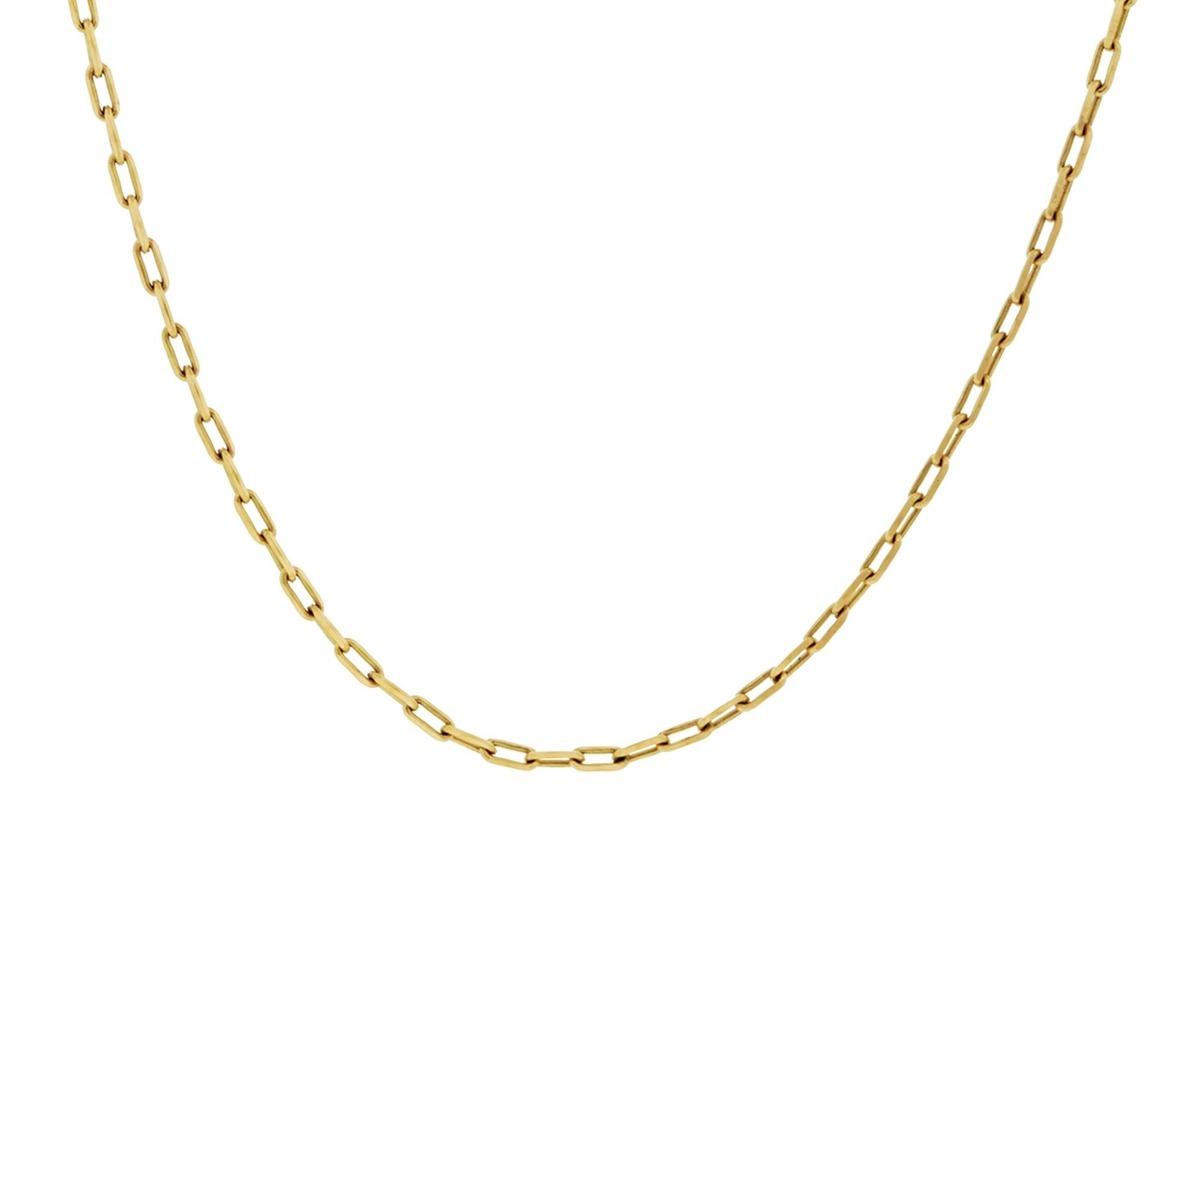 4d9dcf6b2d2 Corrente Em Ouro 18 Quilates Modelo Cartier Fina De 60cm - R  389